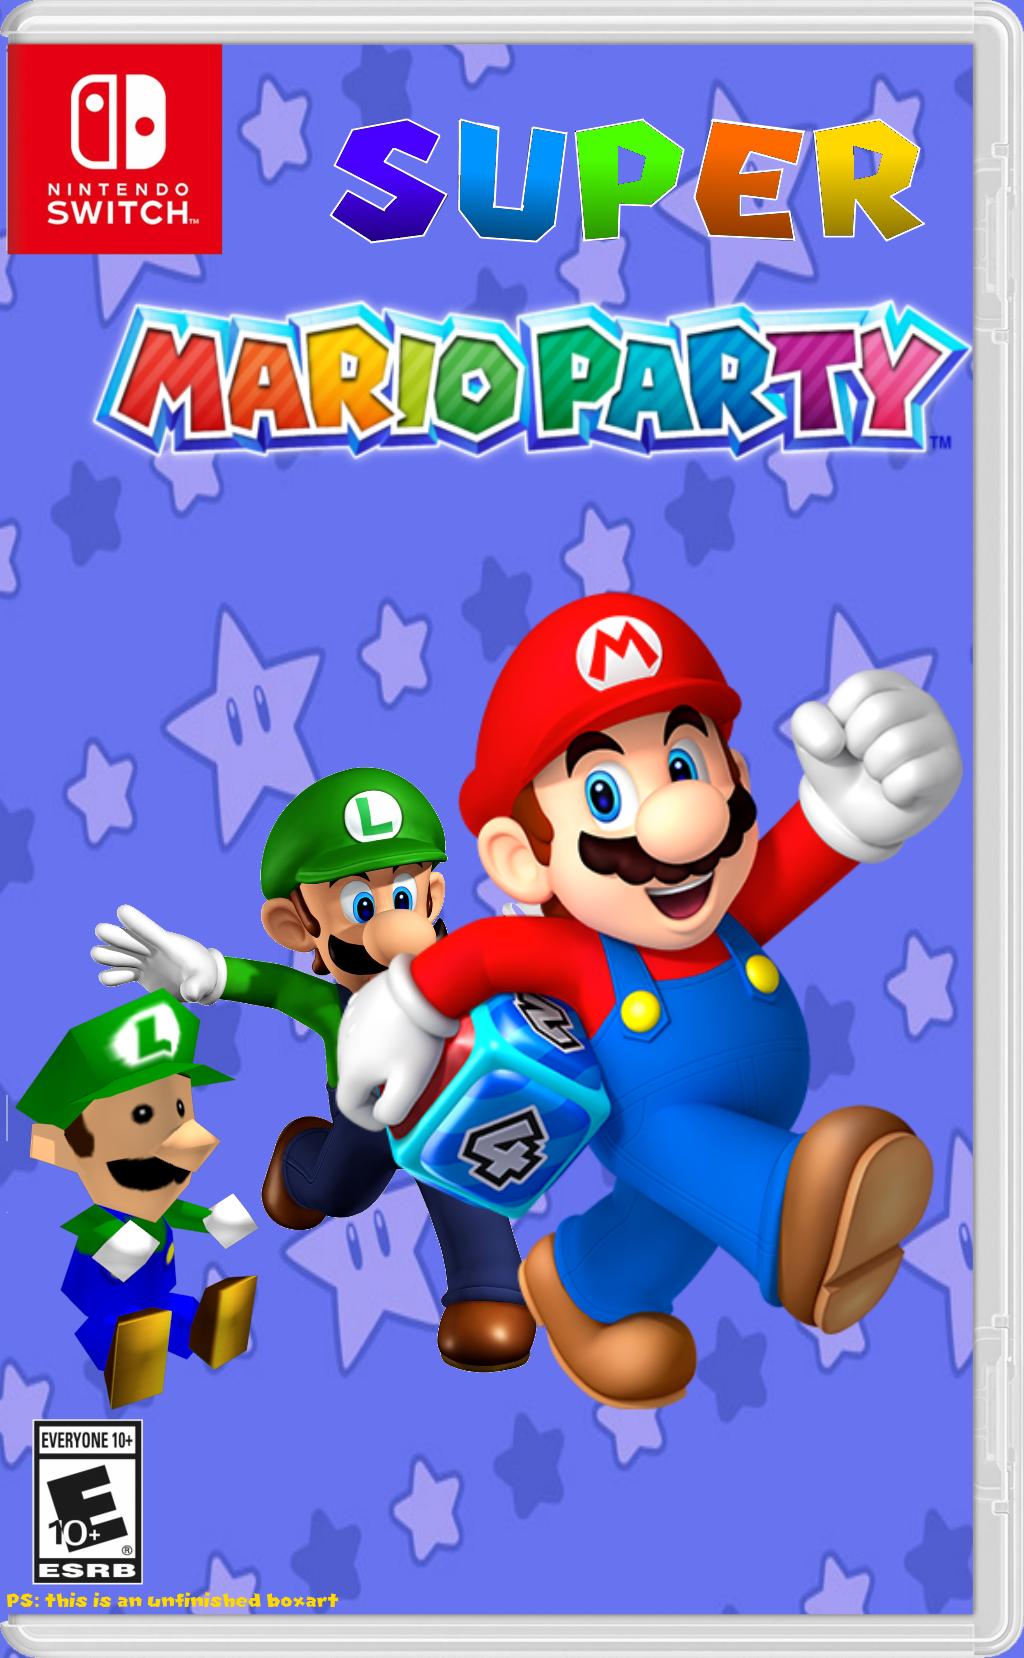 Super Mario Party (series)